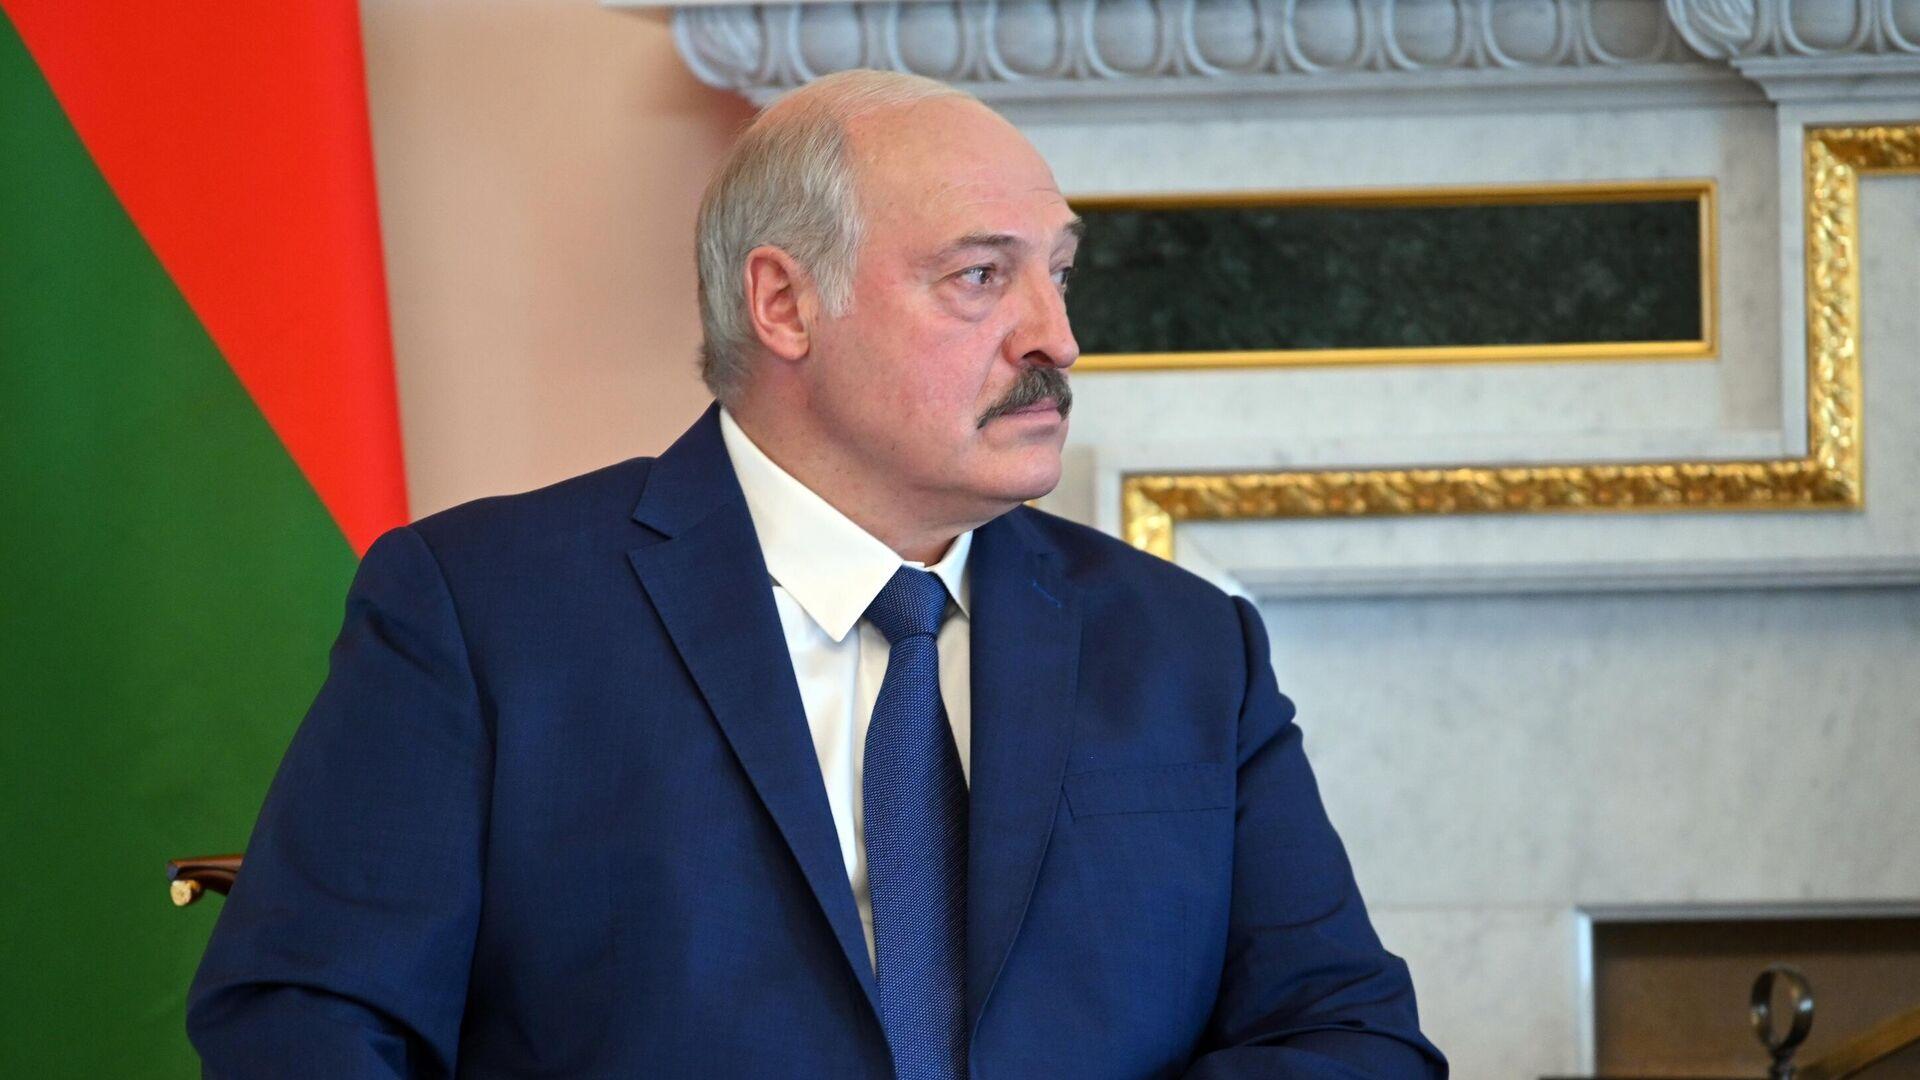 Президент Белоруссии Александр Лукашенко во время встречи с президентом РФ Владимиром Путиным - РИА Новости, 1920, 29.07.2021